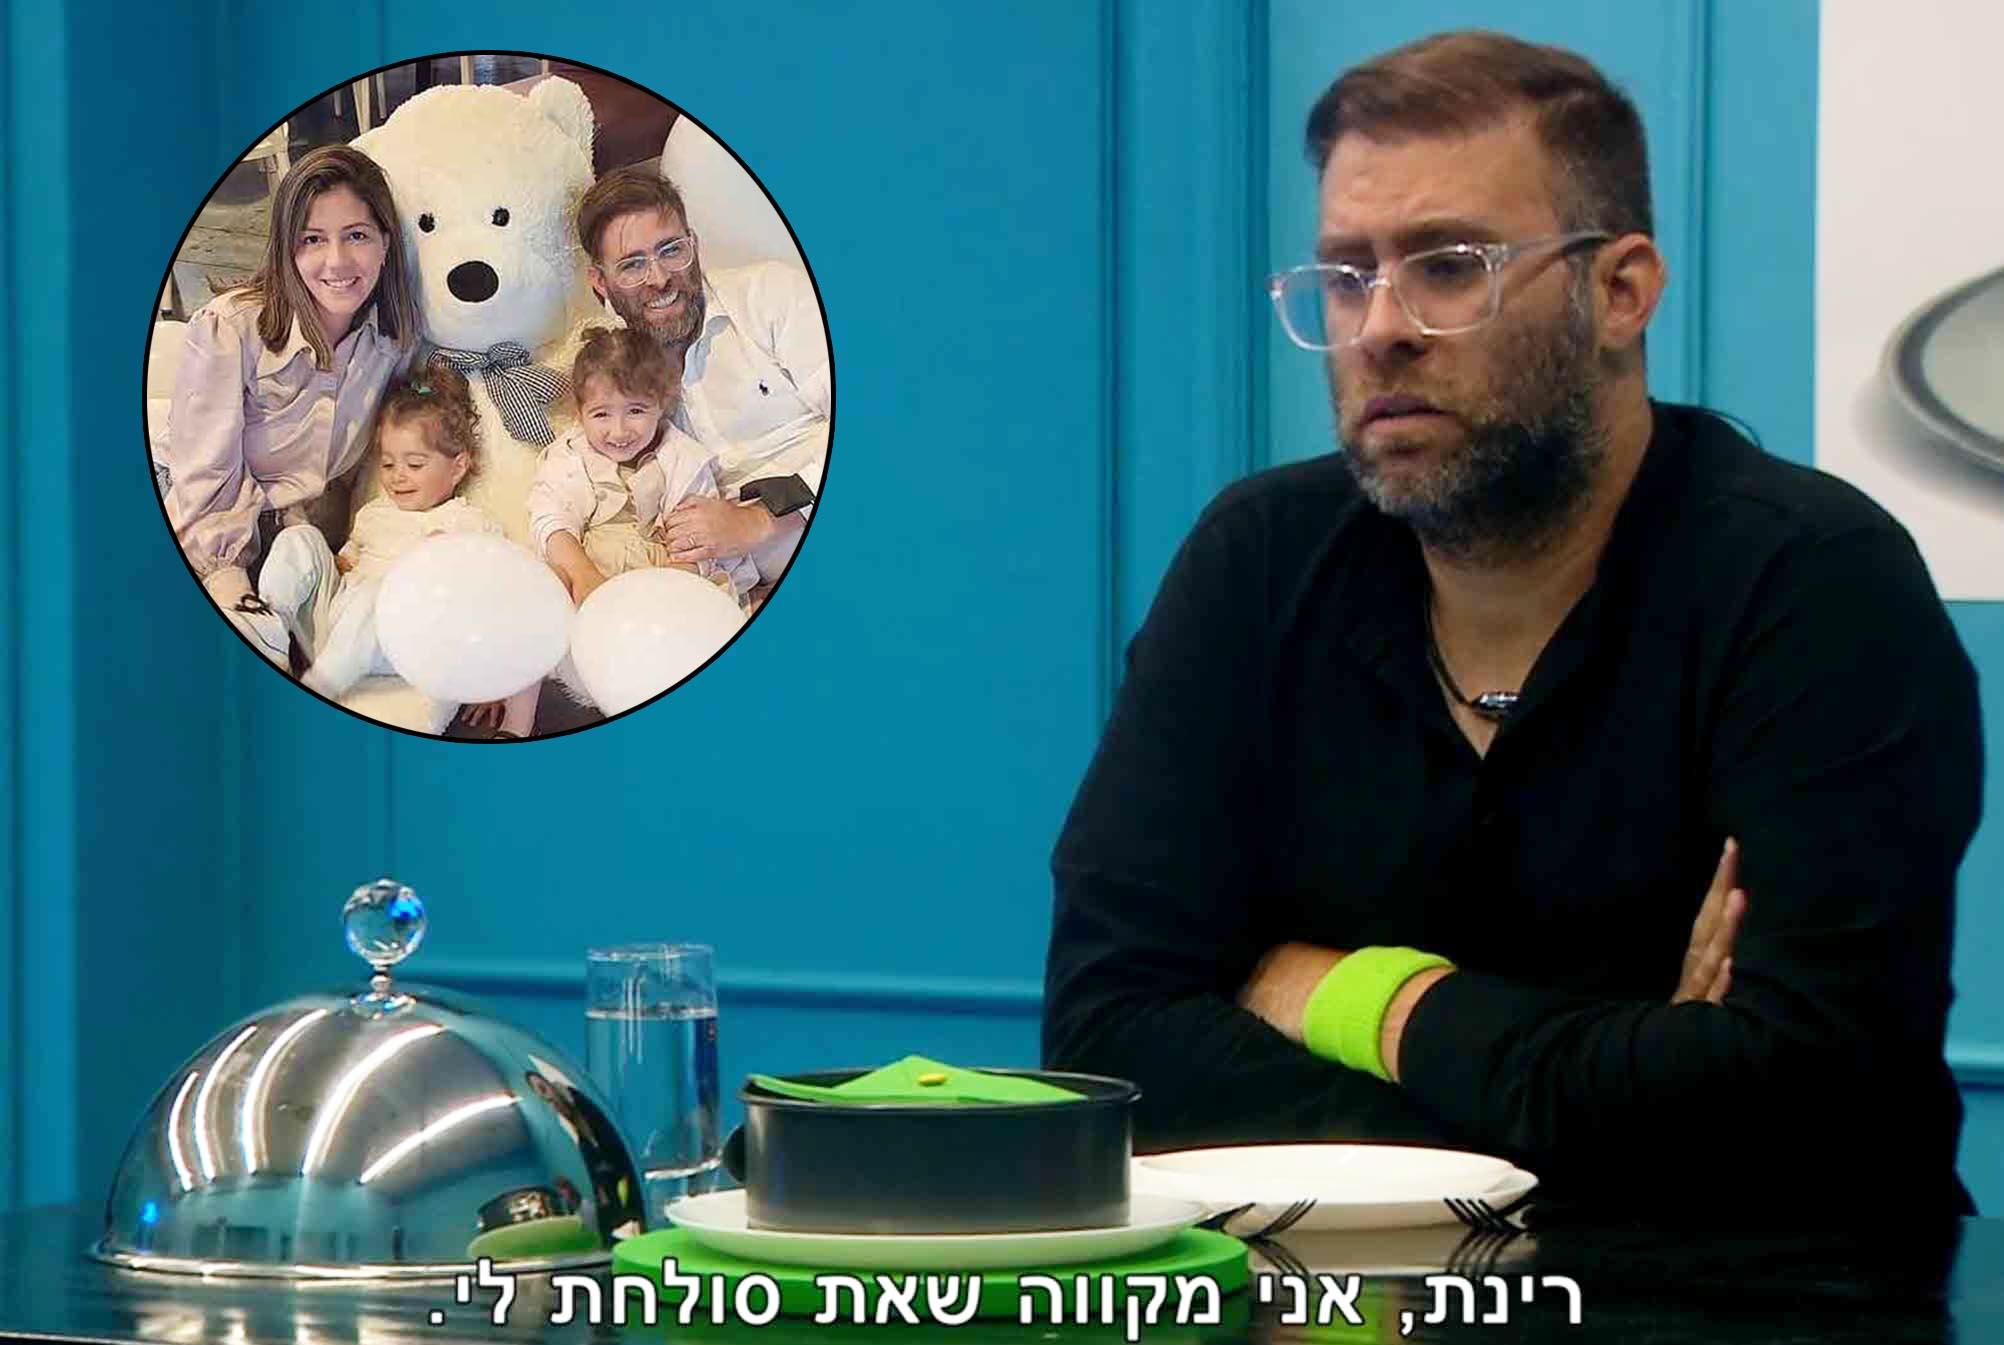 """המכתב שקיבל אורן חזן מהמשפחה והילדים:""""התמיכה שאתה מקבל מעם ישראל אדירה!"""""""